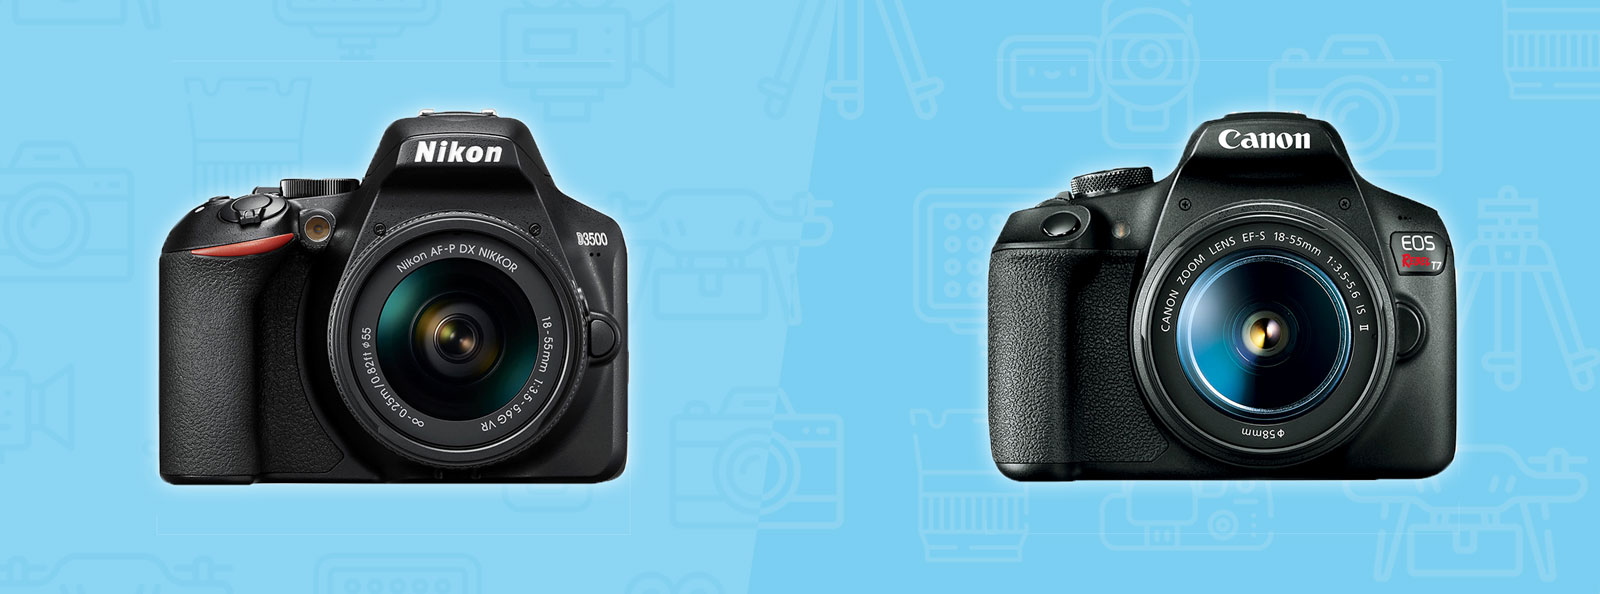 Nikon D3500 vs. Canon T7: The Complete Comparison | Grid50